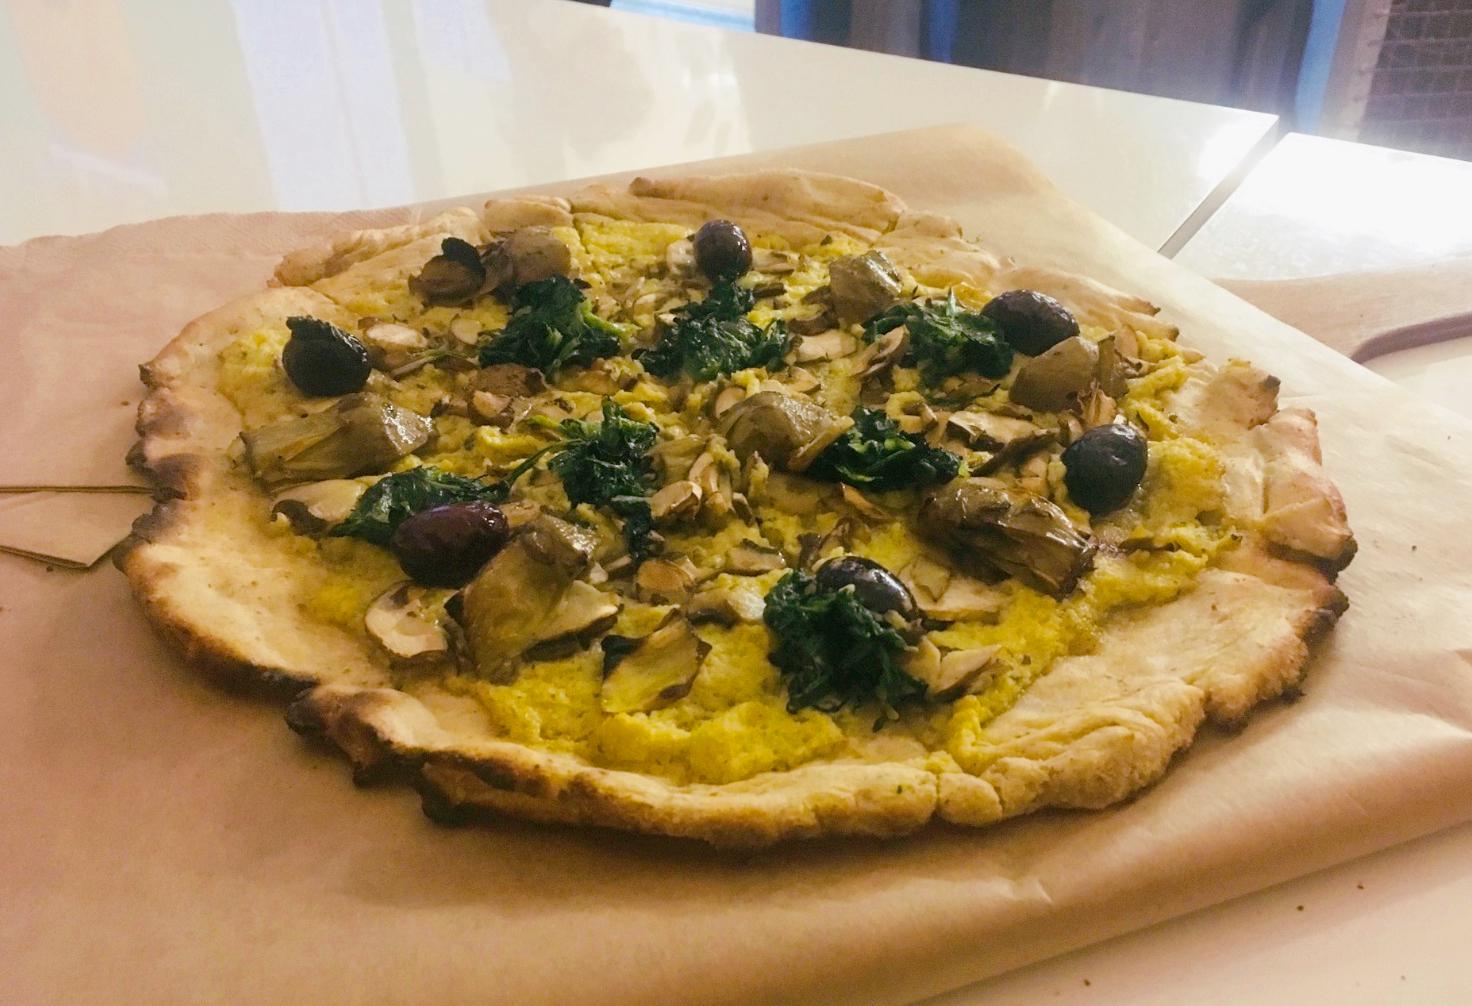 Pizzare-Vegan-Lover-Artichoke-pizza